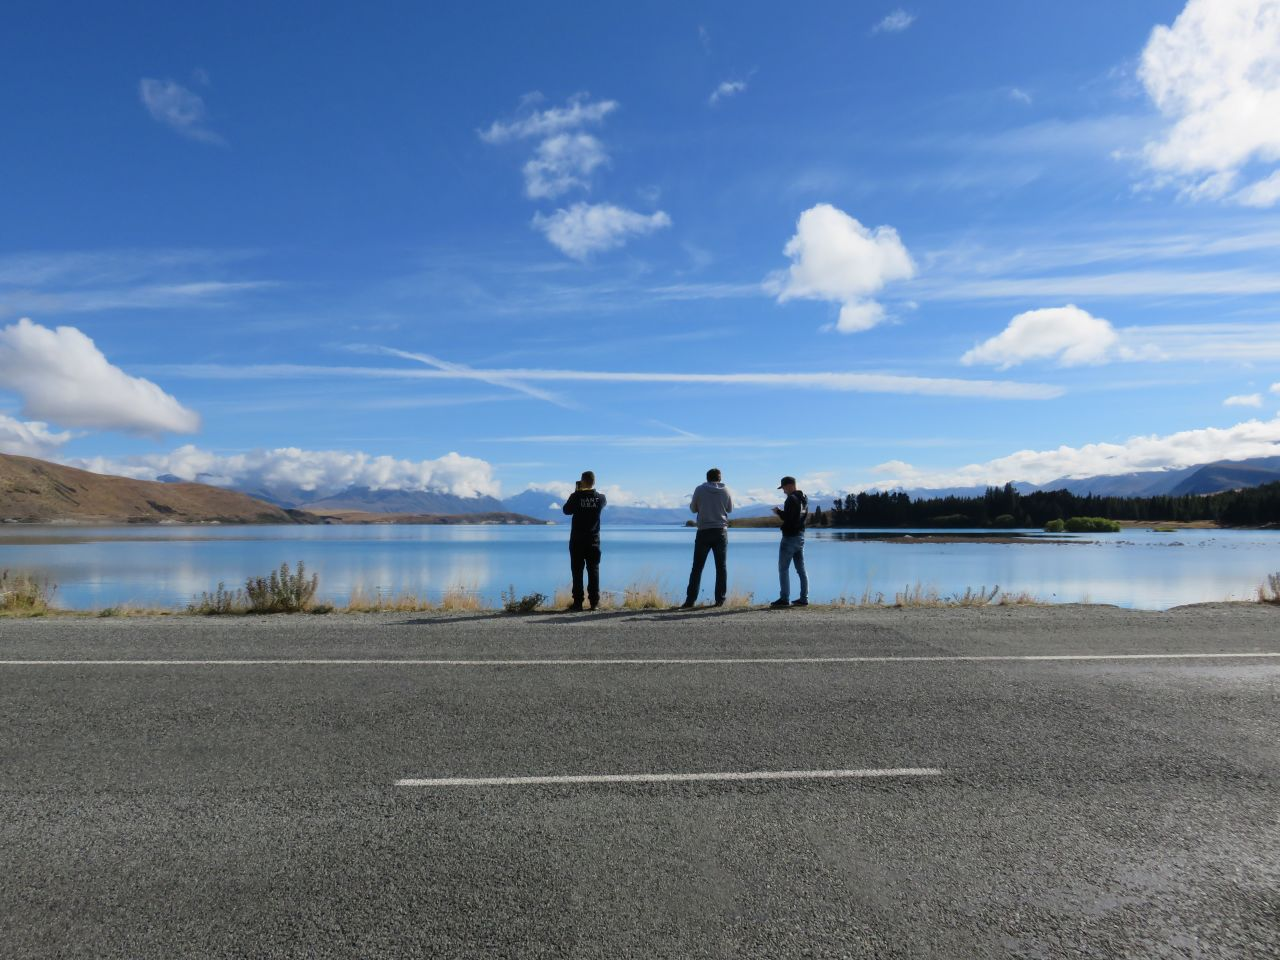 Zápisky z cest: Cesta na Zéland